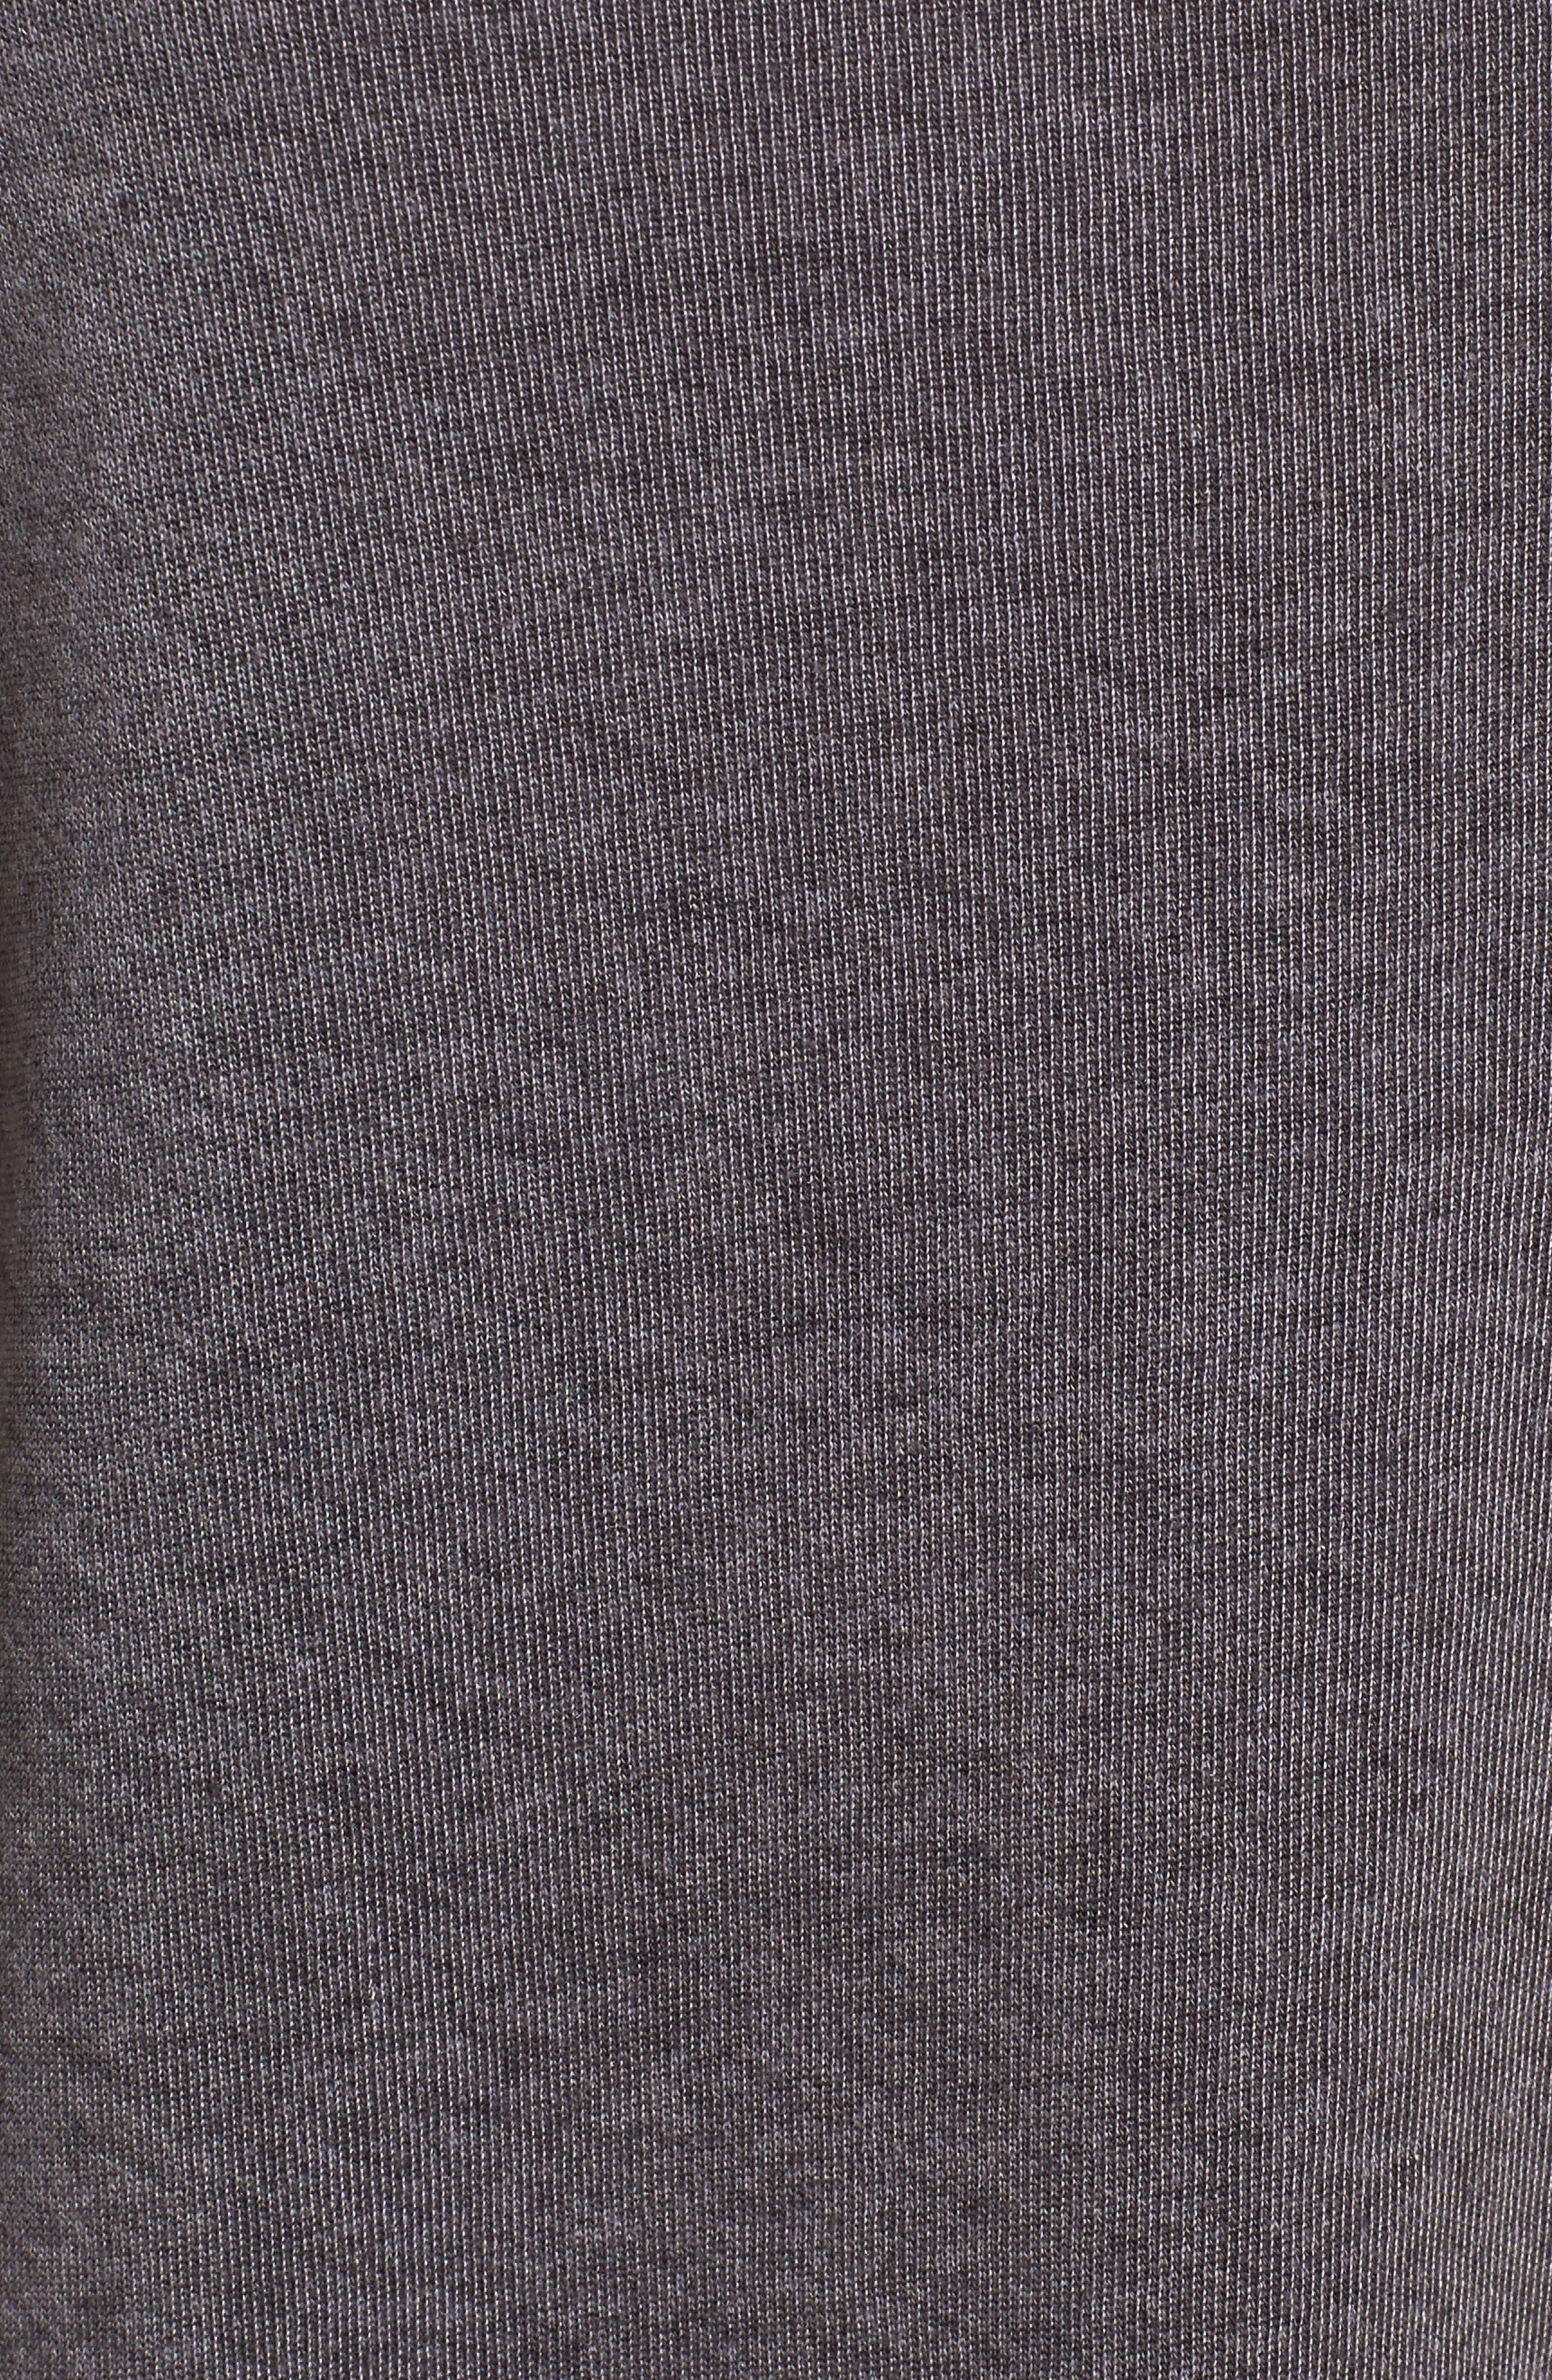 Cheers Sweatshirt,                             Alternate thumbnail 5, color,                             Vintage Black